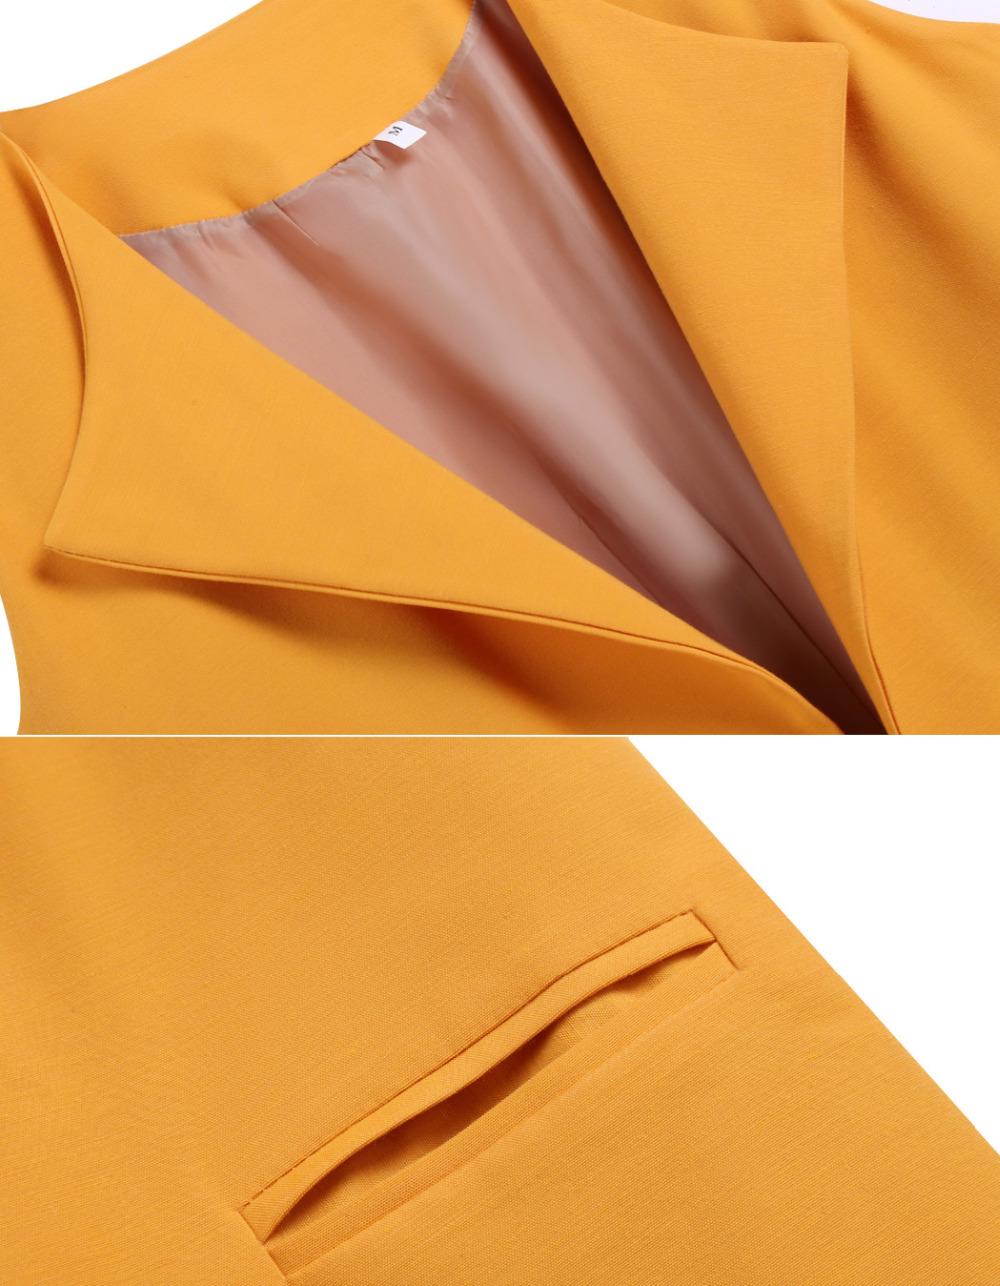 2015 новое поступление женщины жилетка безрукавка задняя пиджаки свободного покроя оранжевый осень кардиган Roupa женский бесплатная доставка